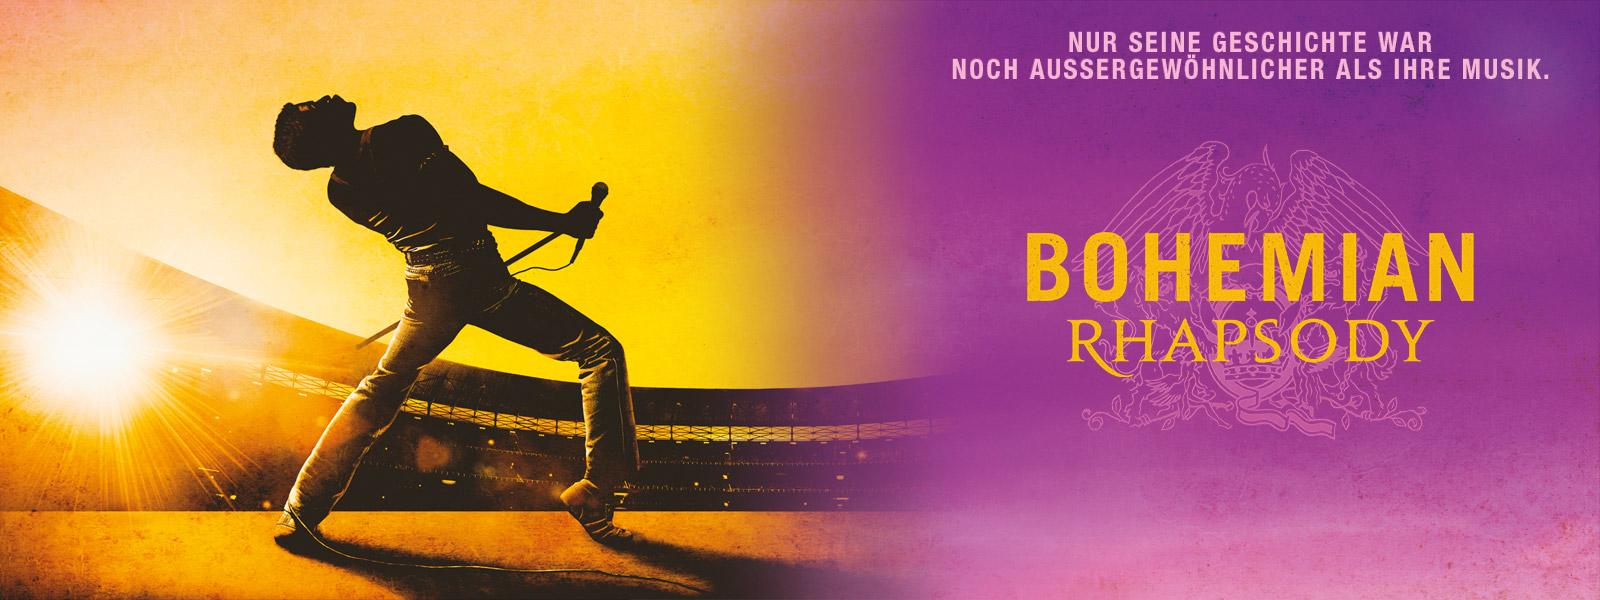 BOHEMIAN RHAPSODY: ab dem 31.10.2018 in den deutschen Kinos (Quelle: www.fox.de)